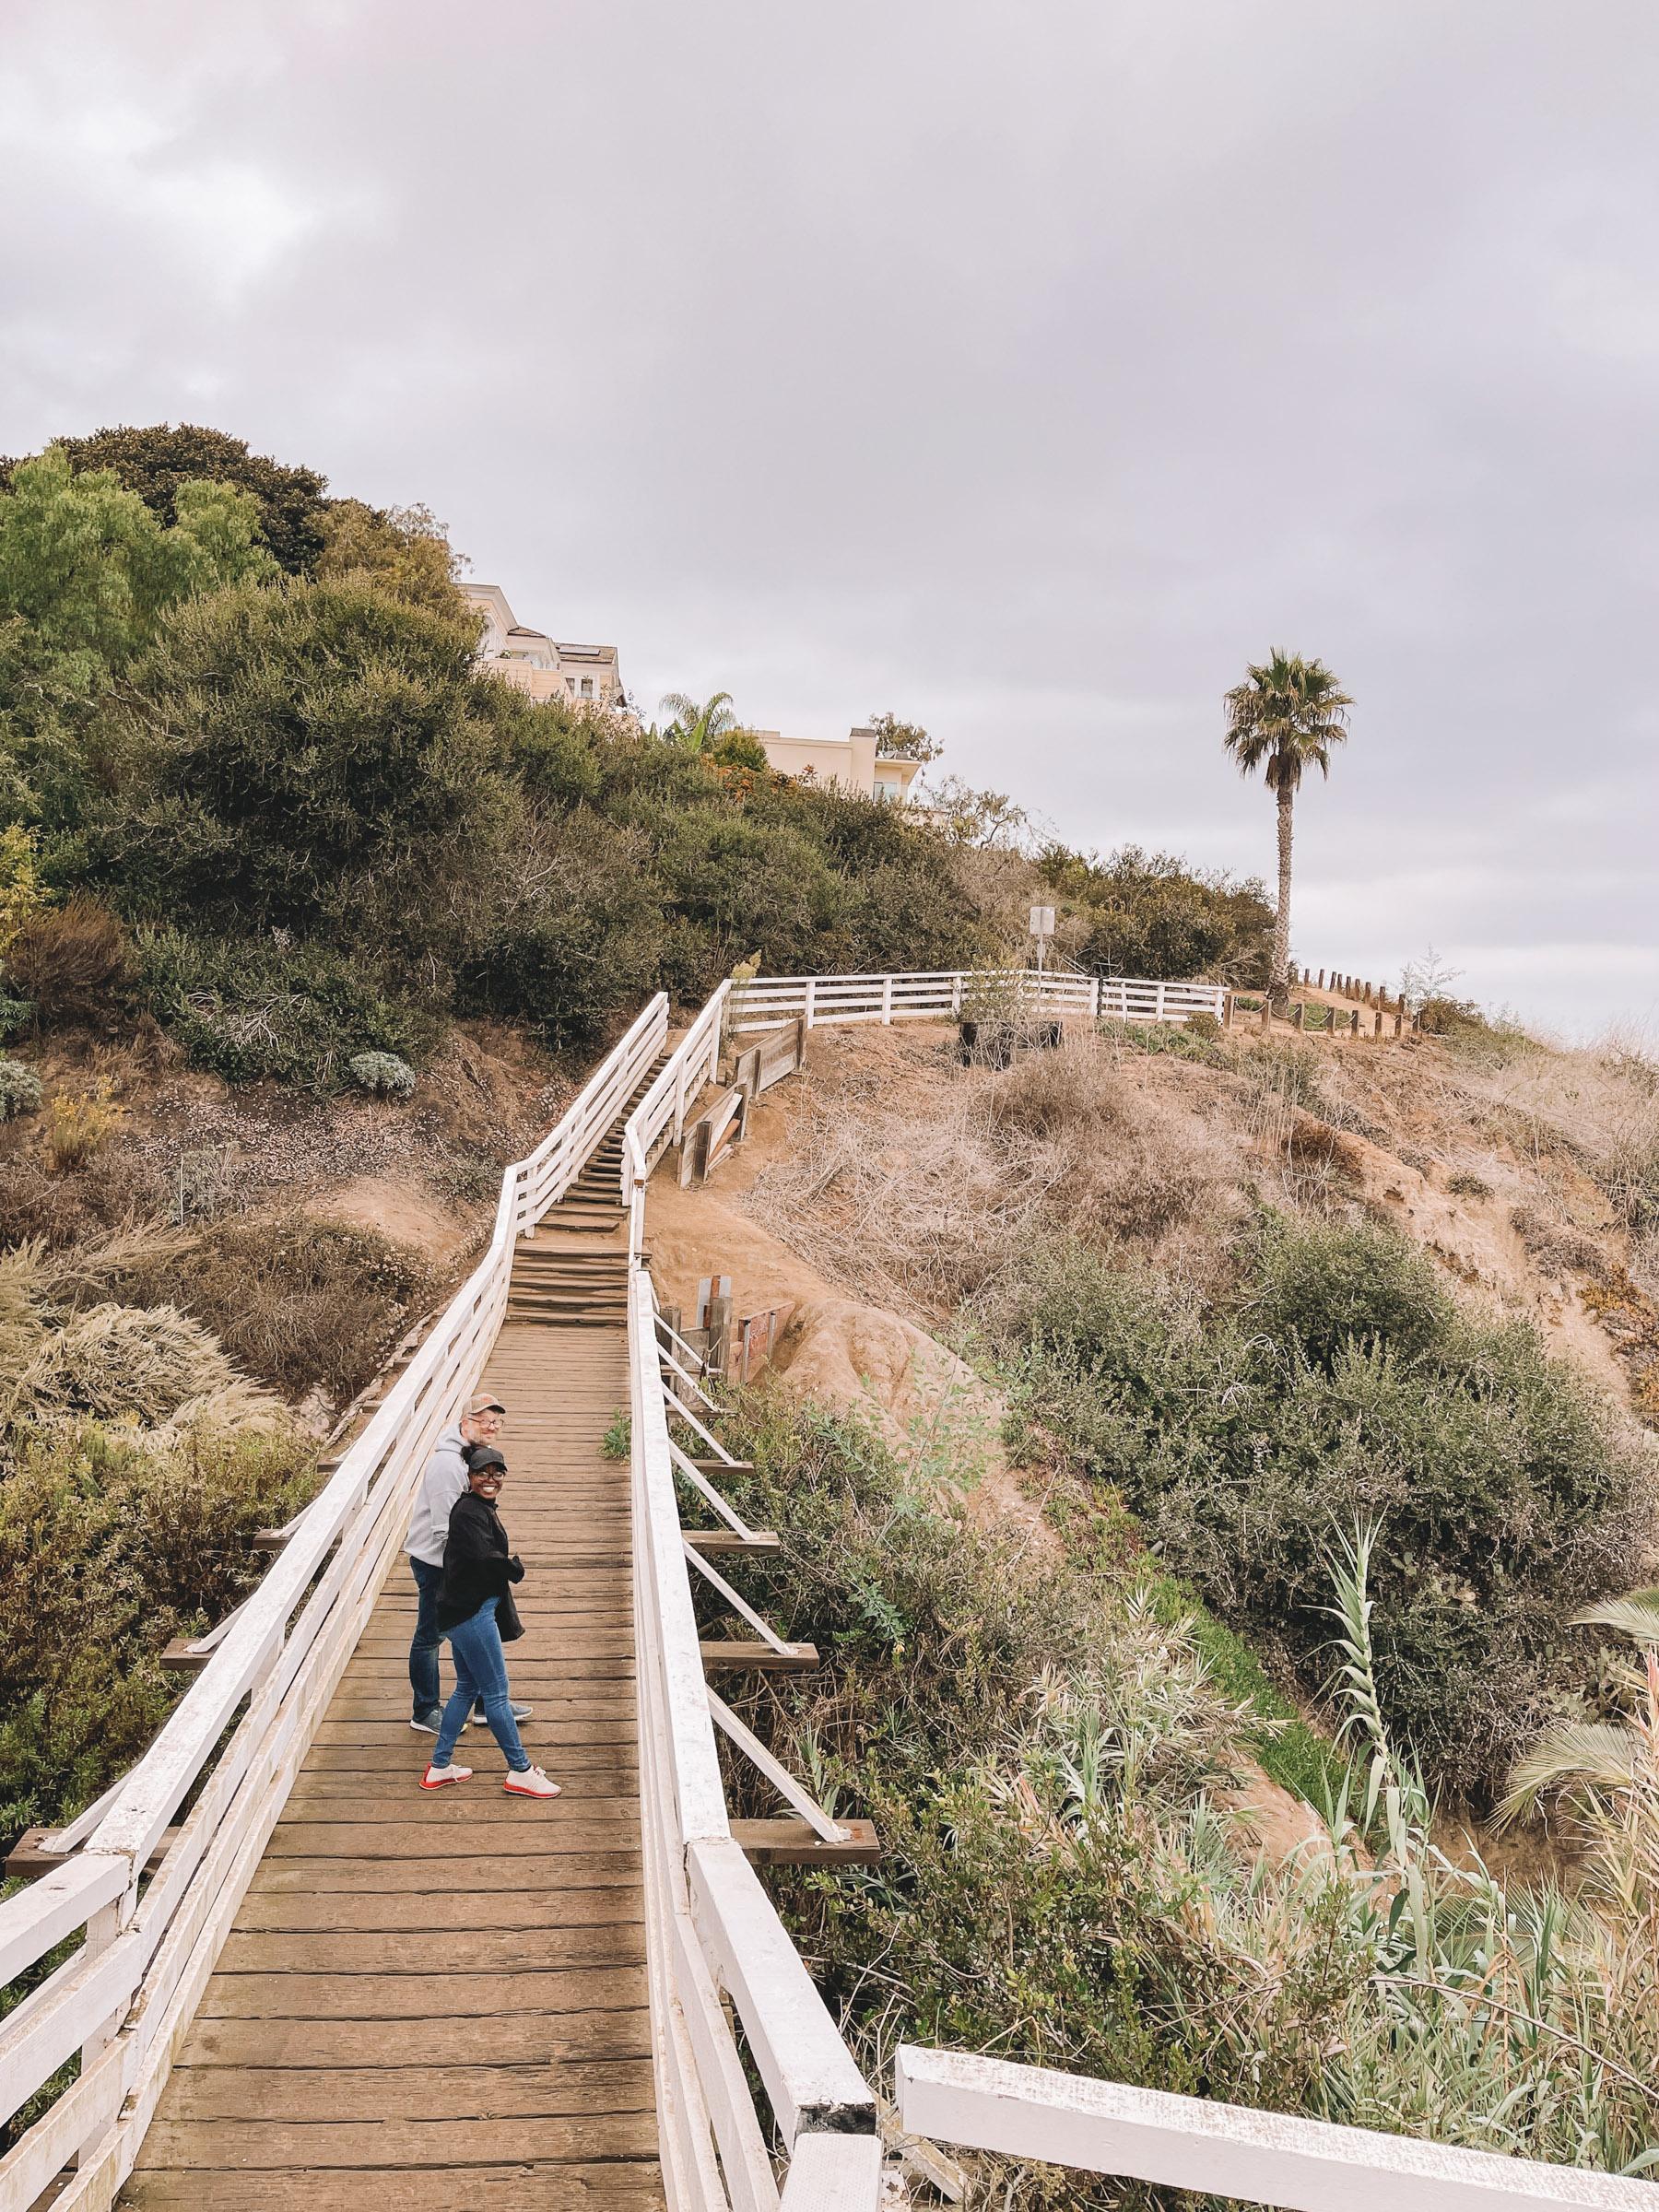 San Diego California Trip